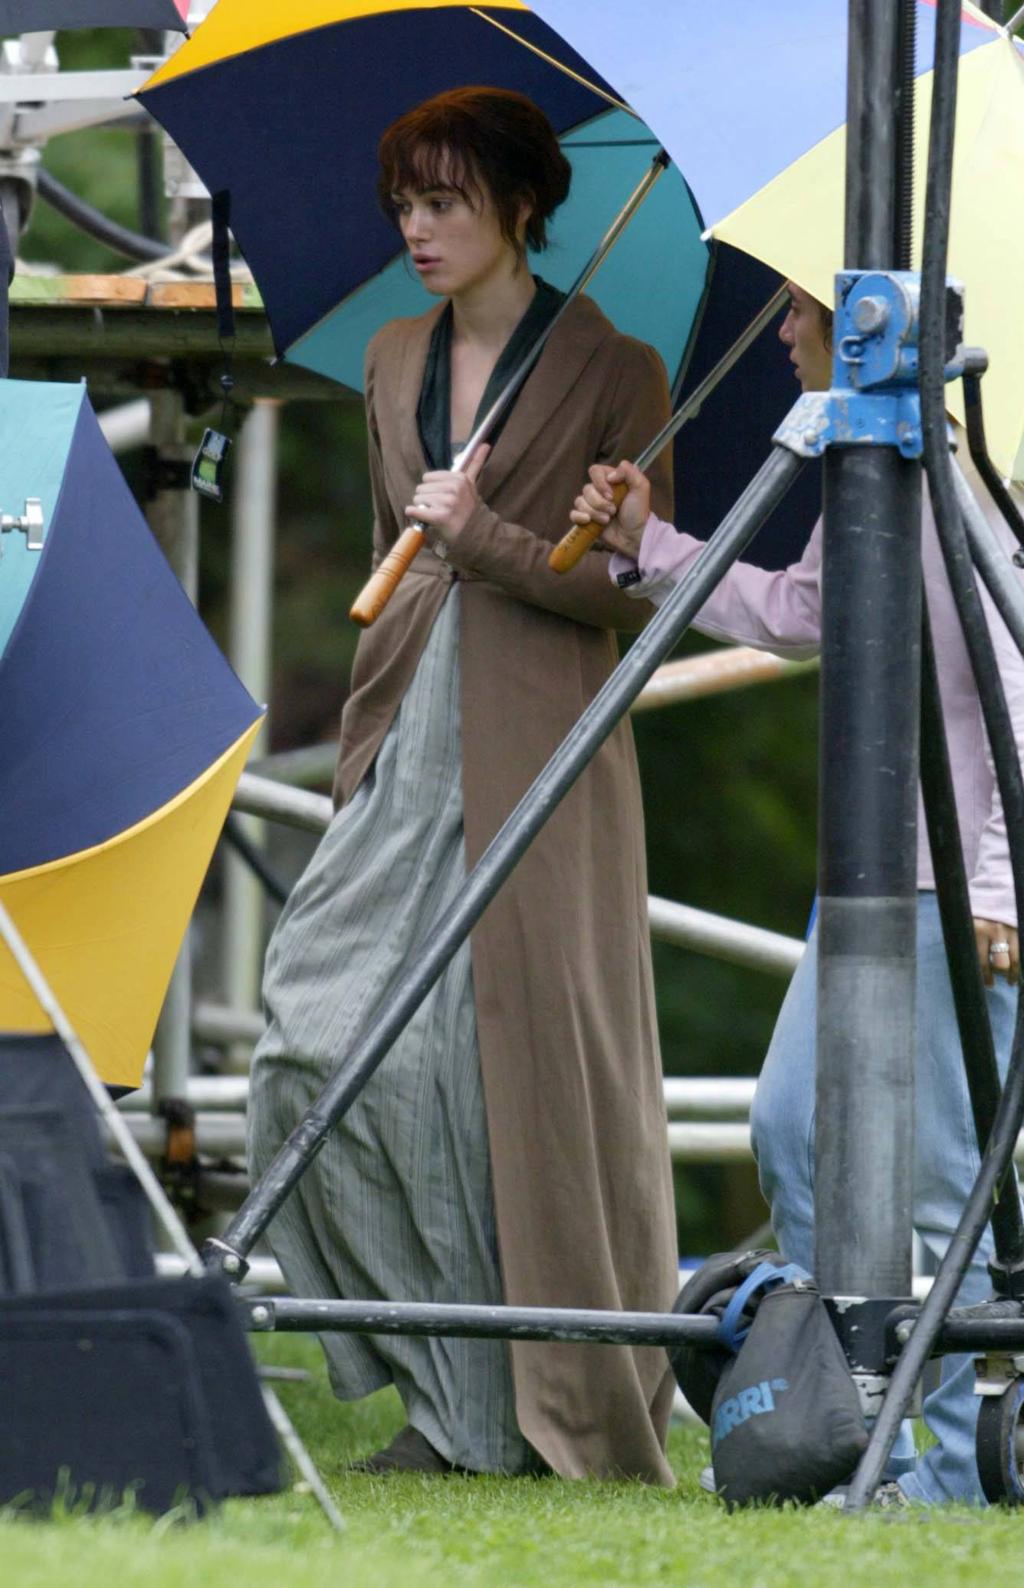 Keira, Keira Knightley, Keira Knightley picture, Knightley, 키이라 나이틀리, 키이라 나이틀리 고화질, 키이라 나이틀리 고화질 사진, 키이라 나이틀리 사진